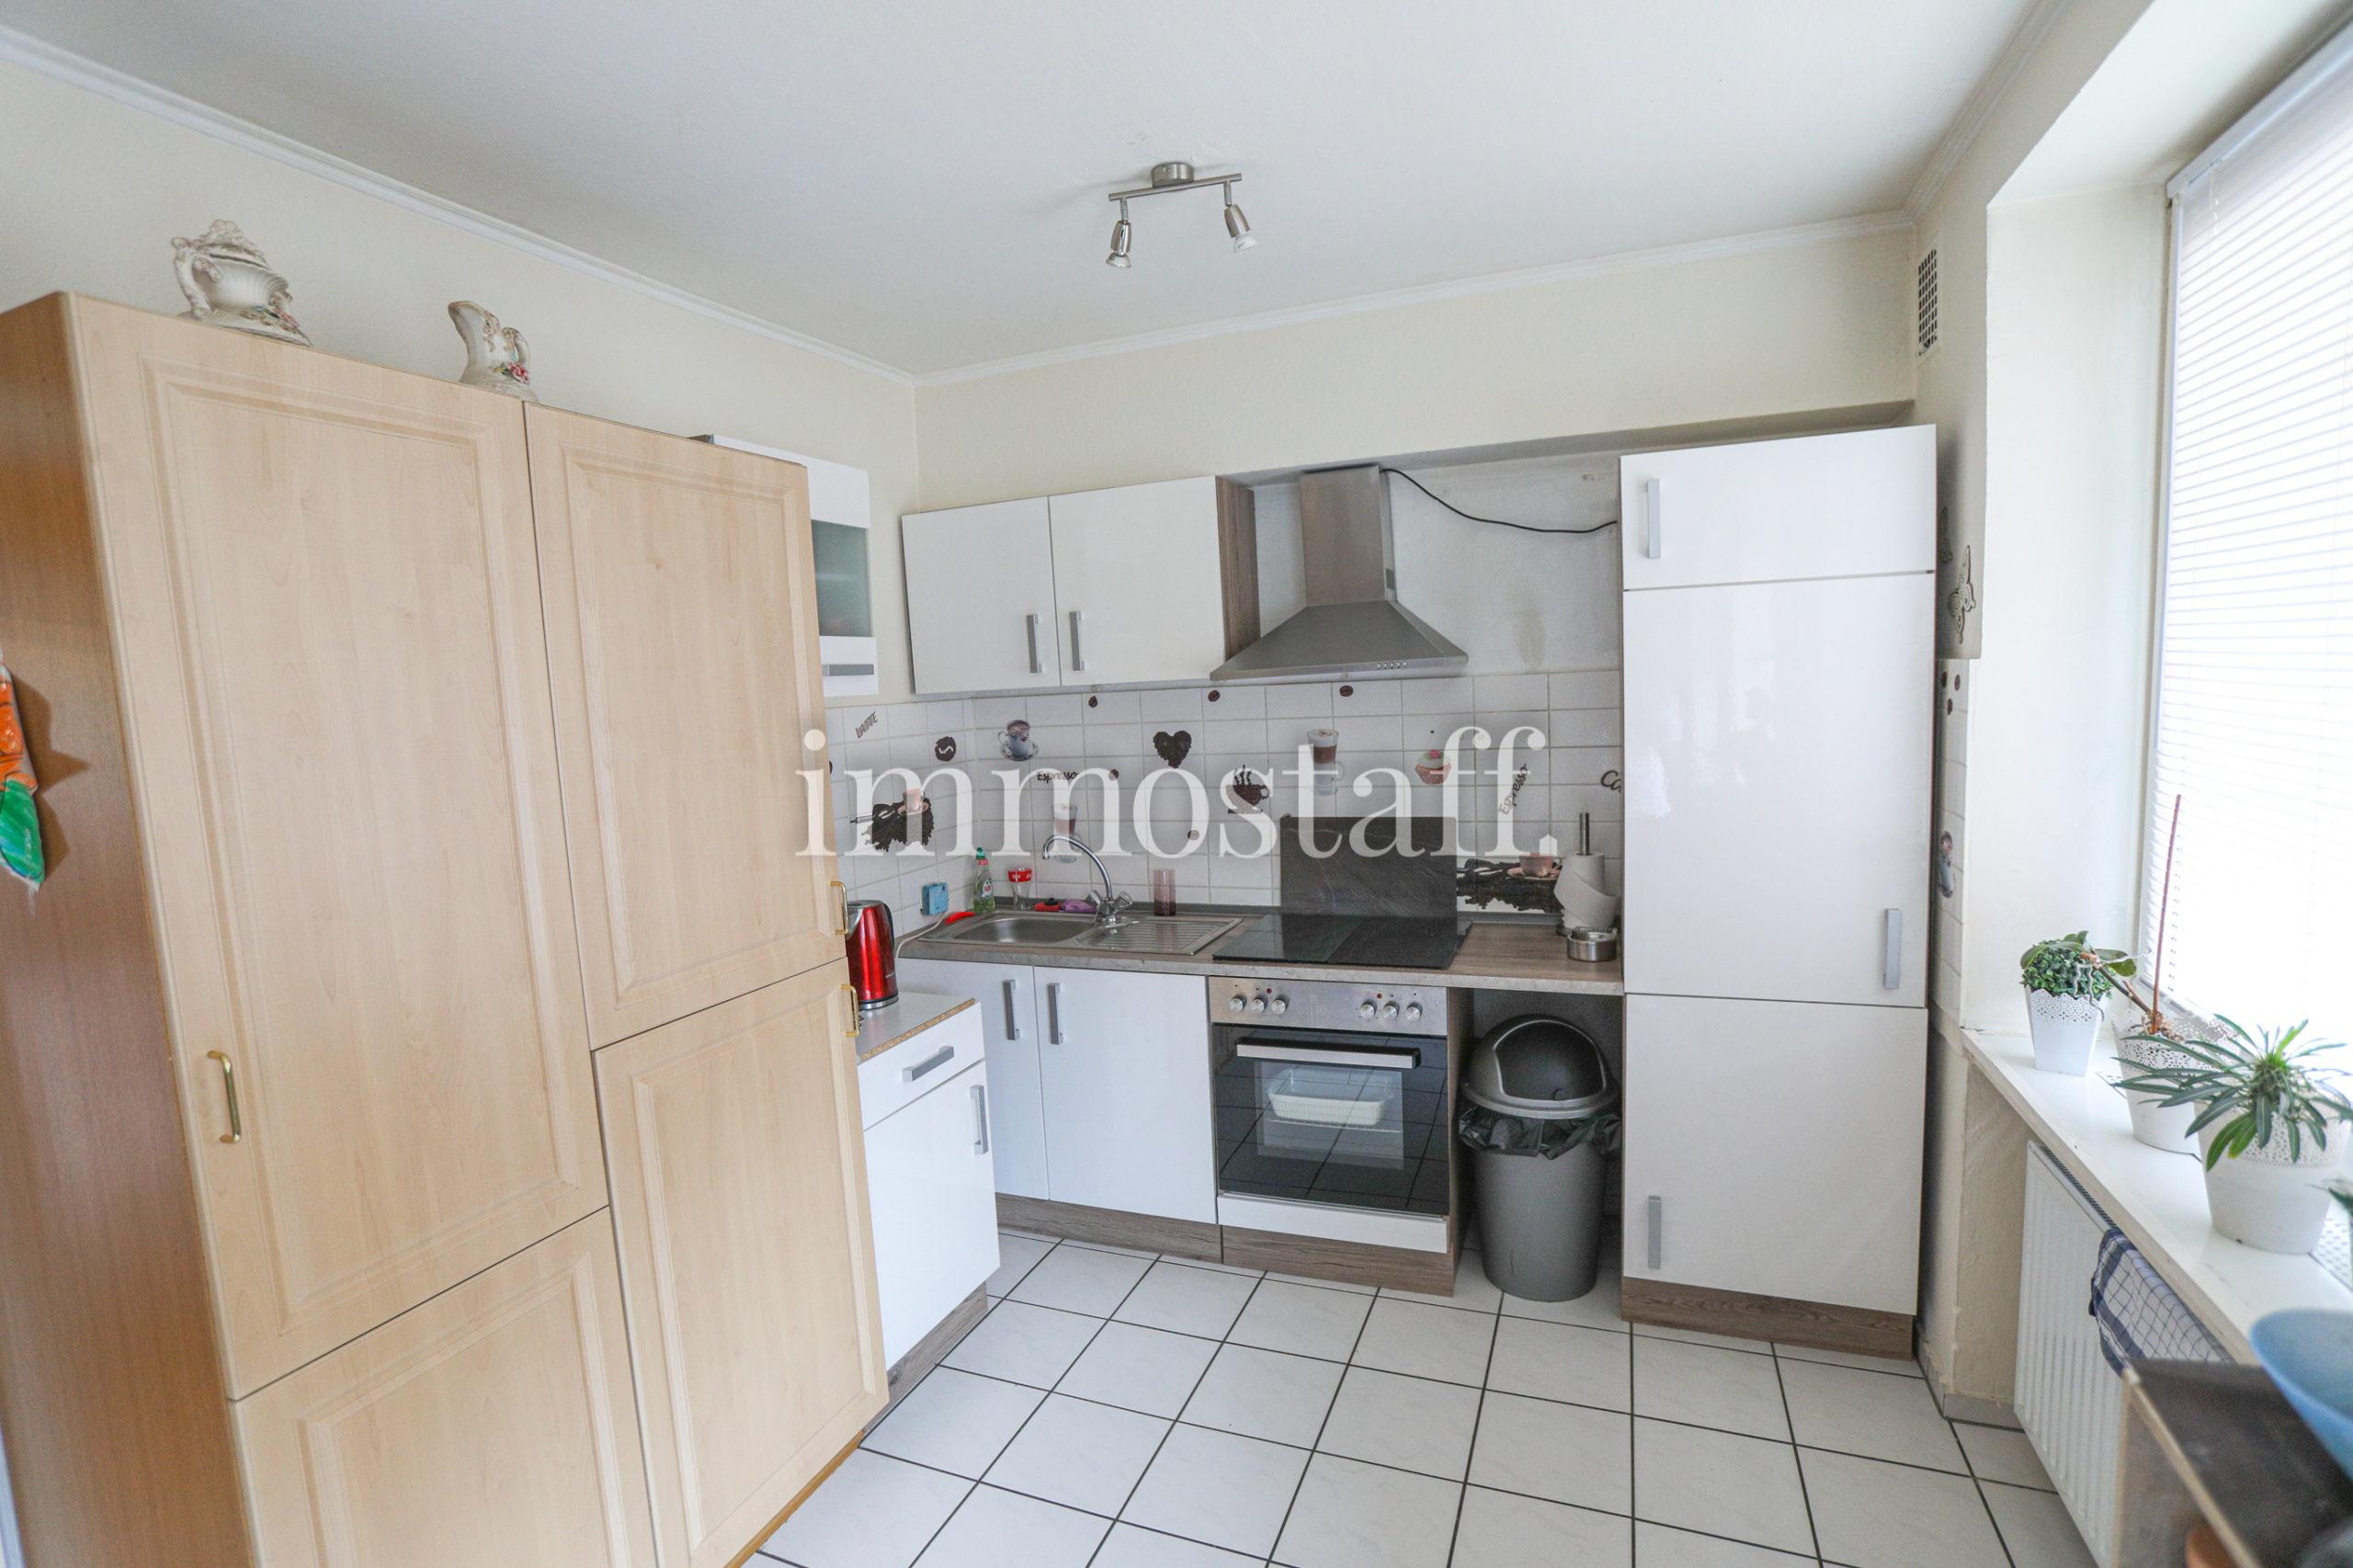 Küche & Essbereich Ansicht 2